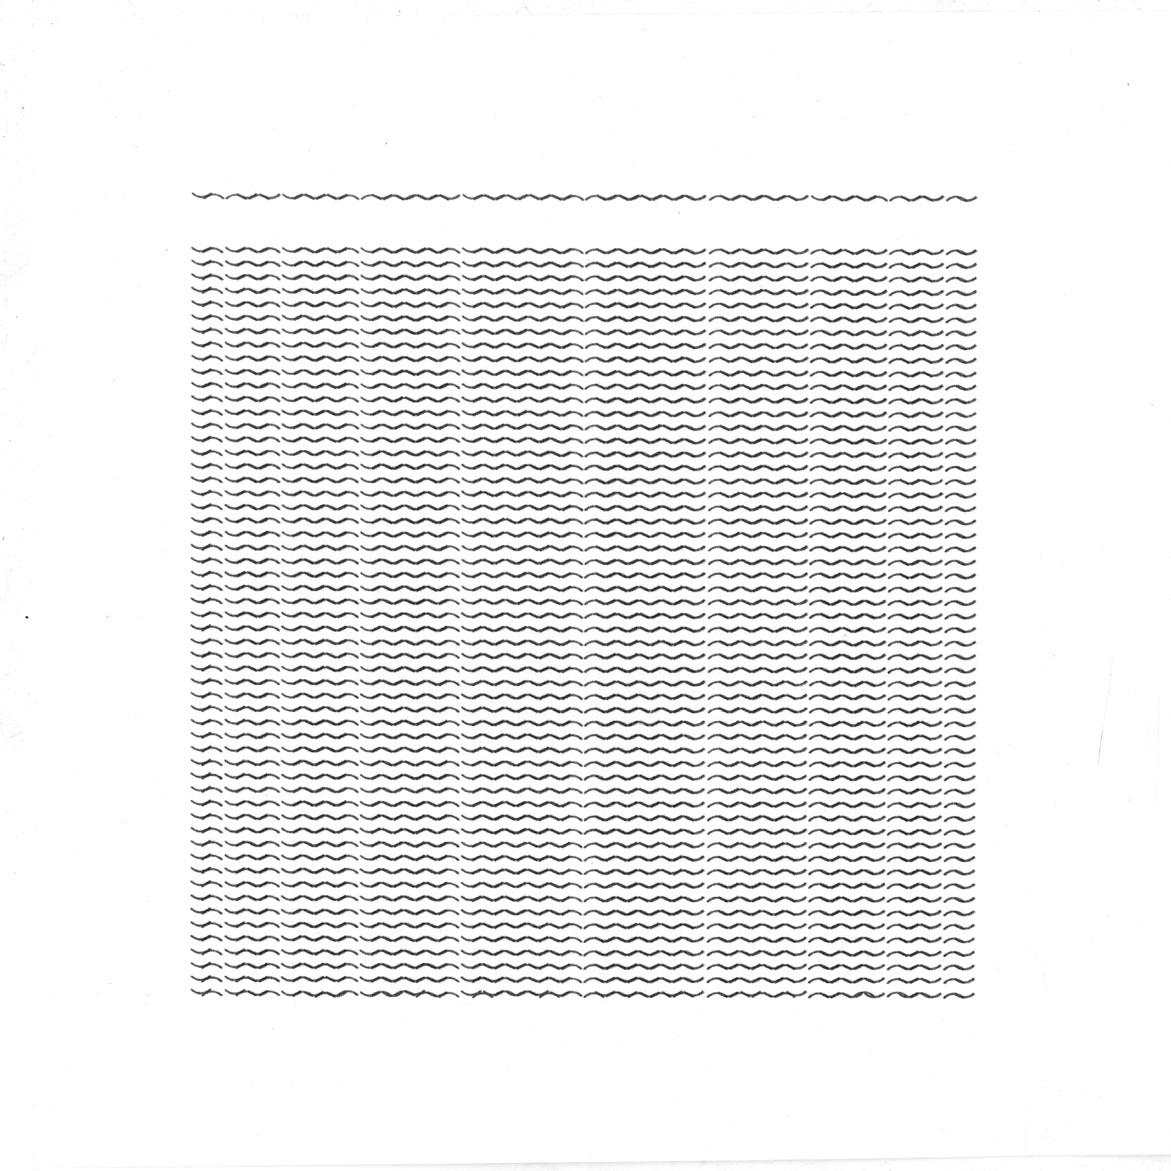 pattern7web.jpg